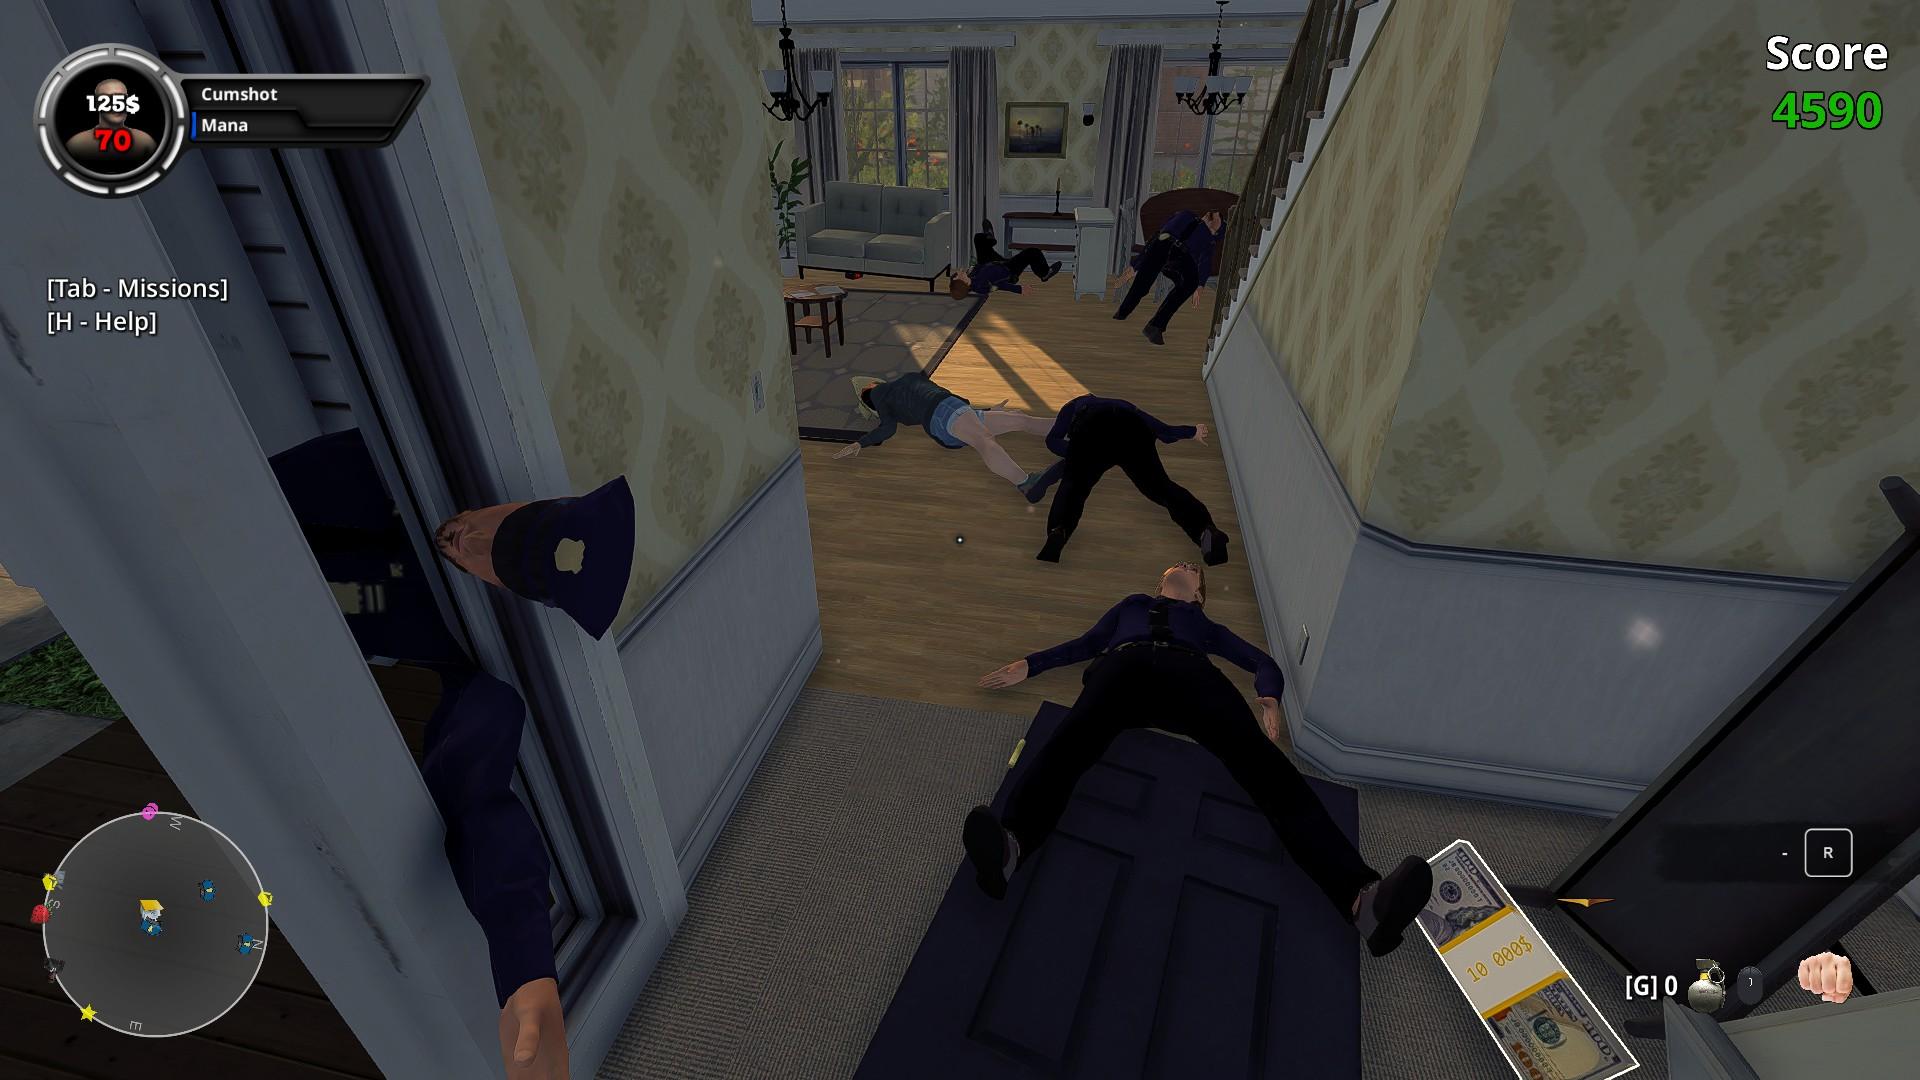 Wanking Simulator talo täynnä makoilijoita